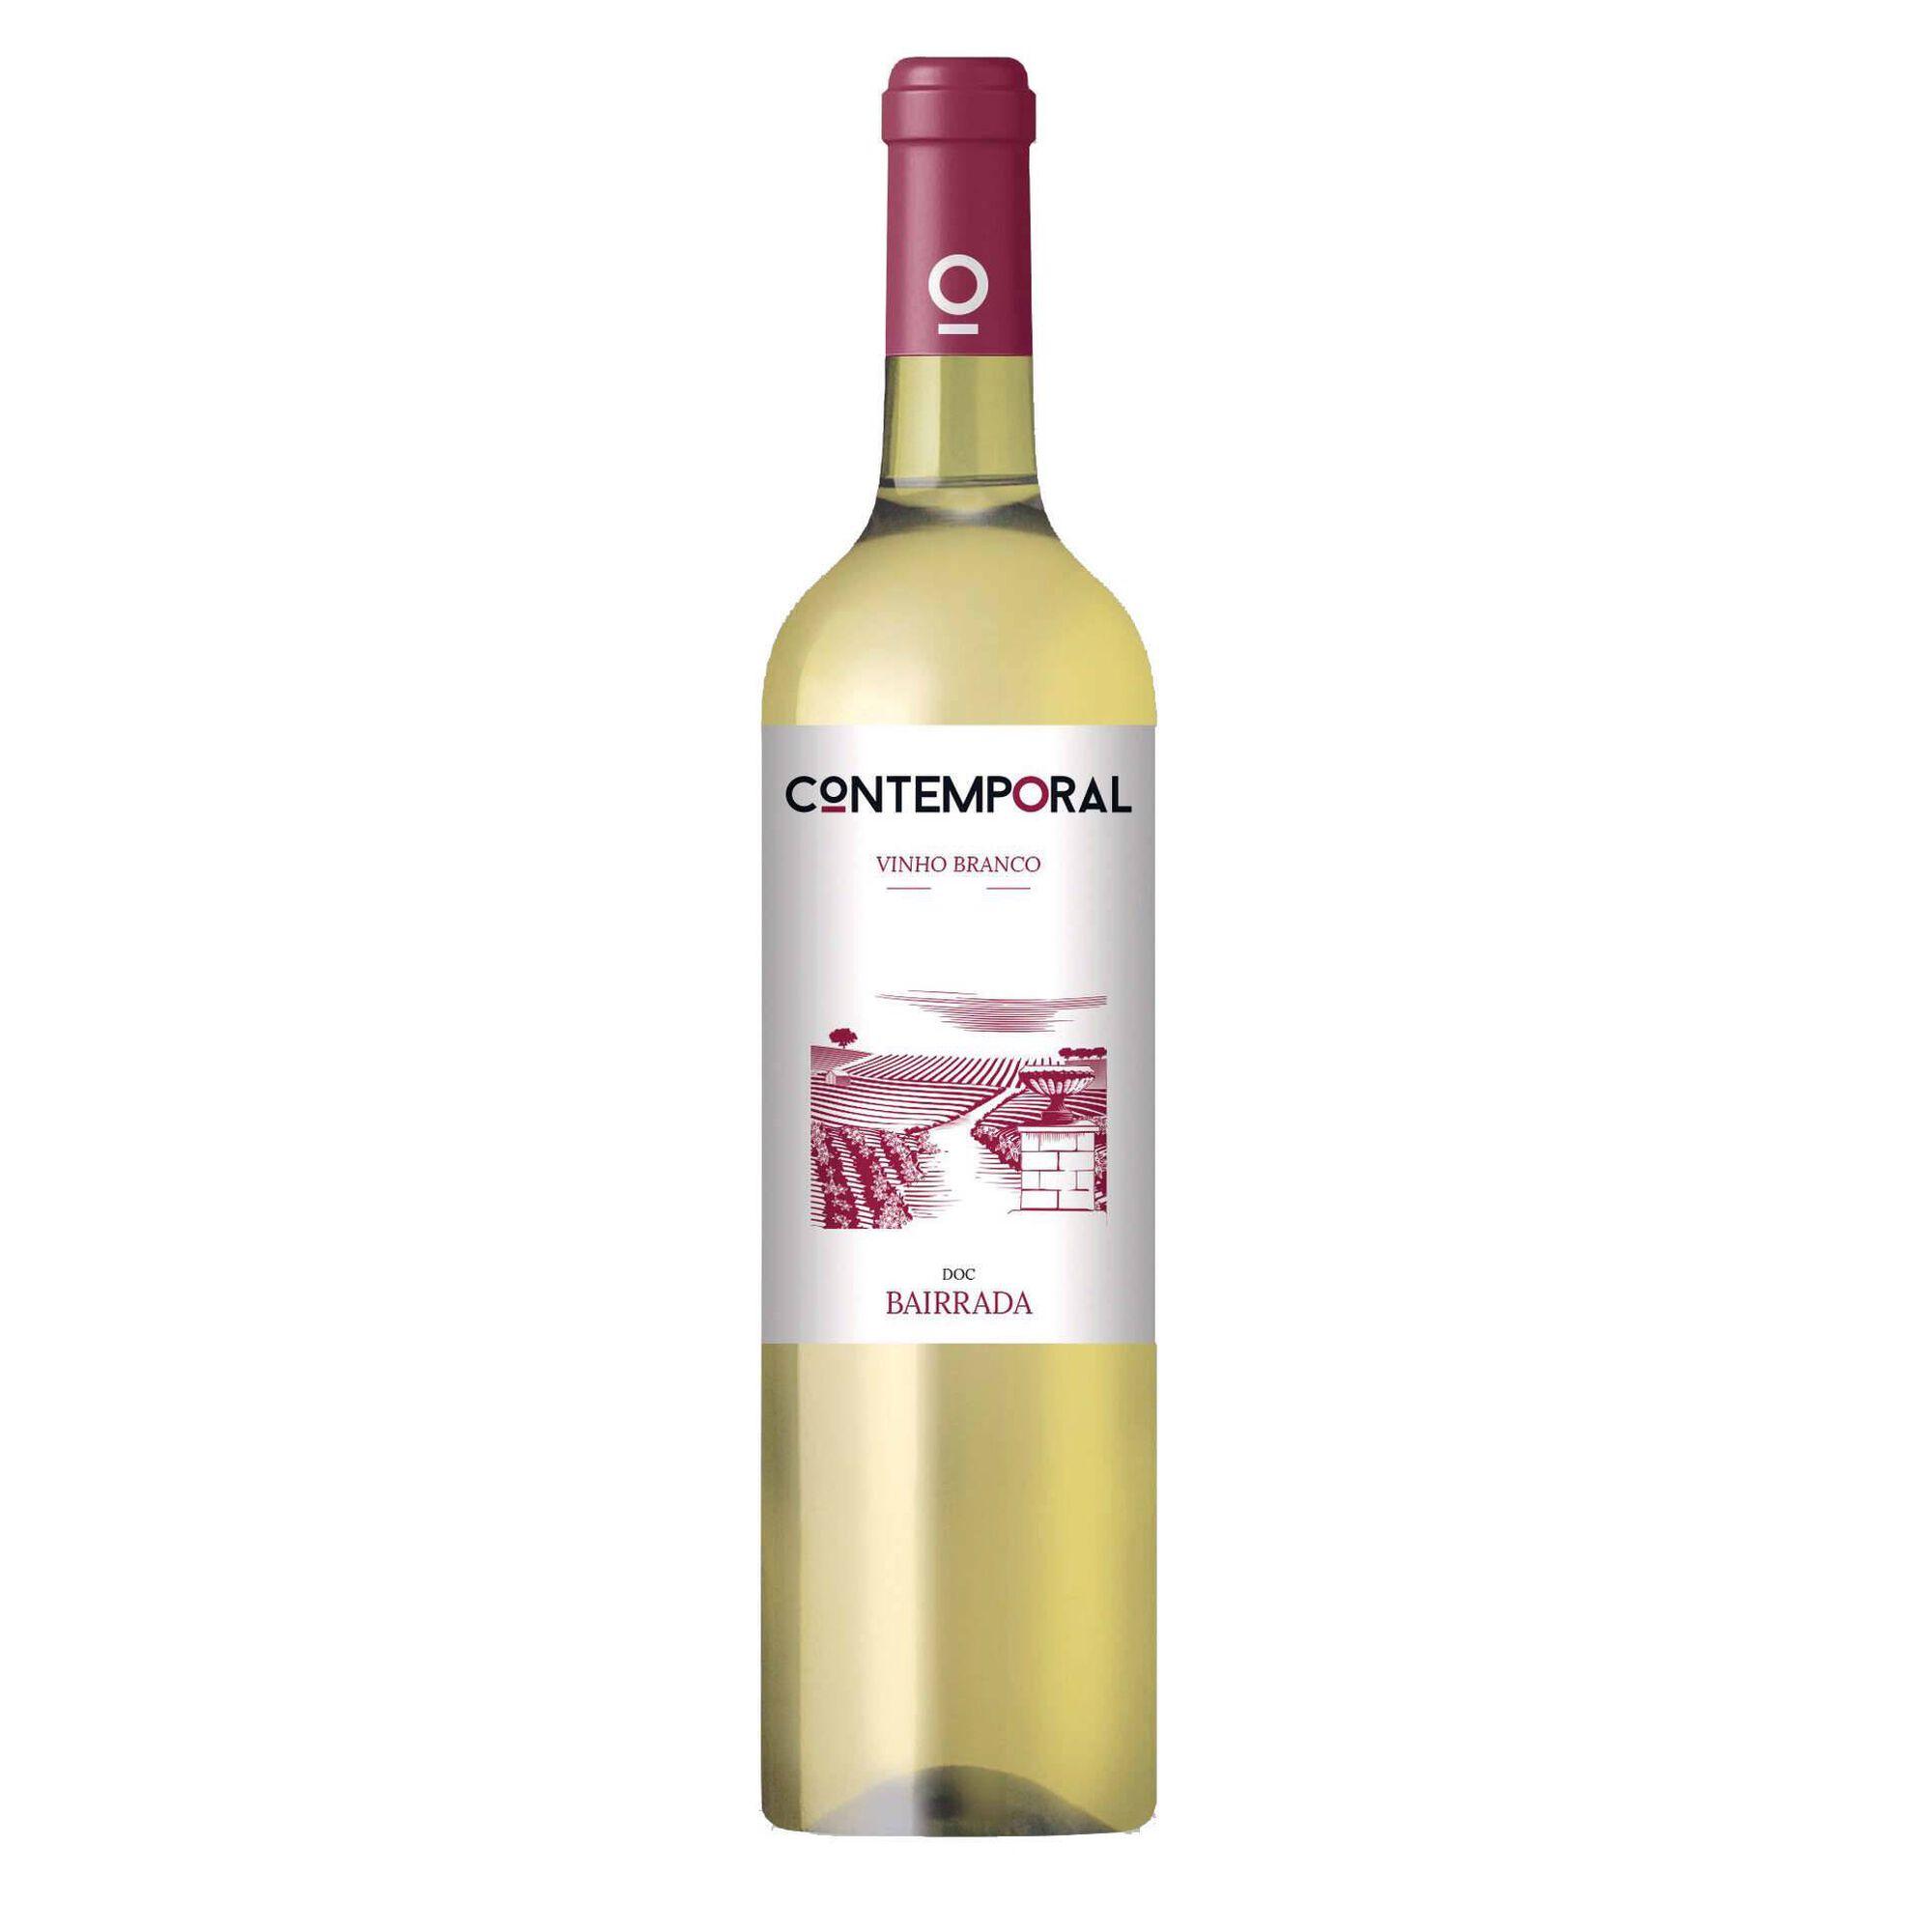 Contemporal DOC Bairrada Vinho Branco